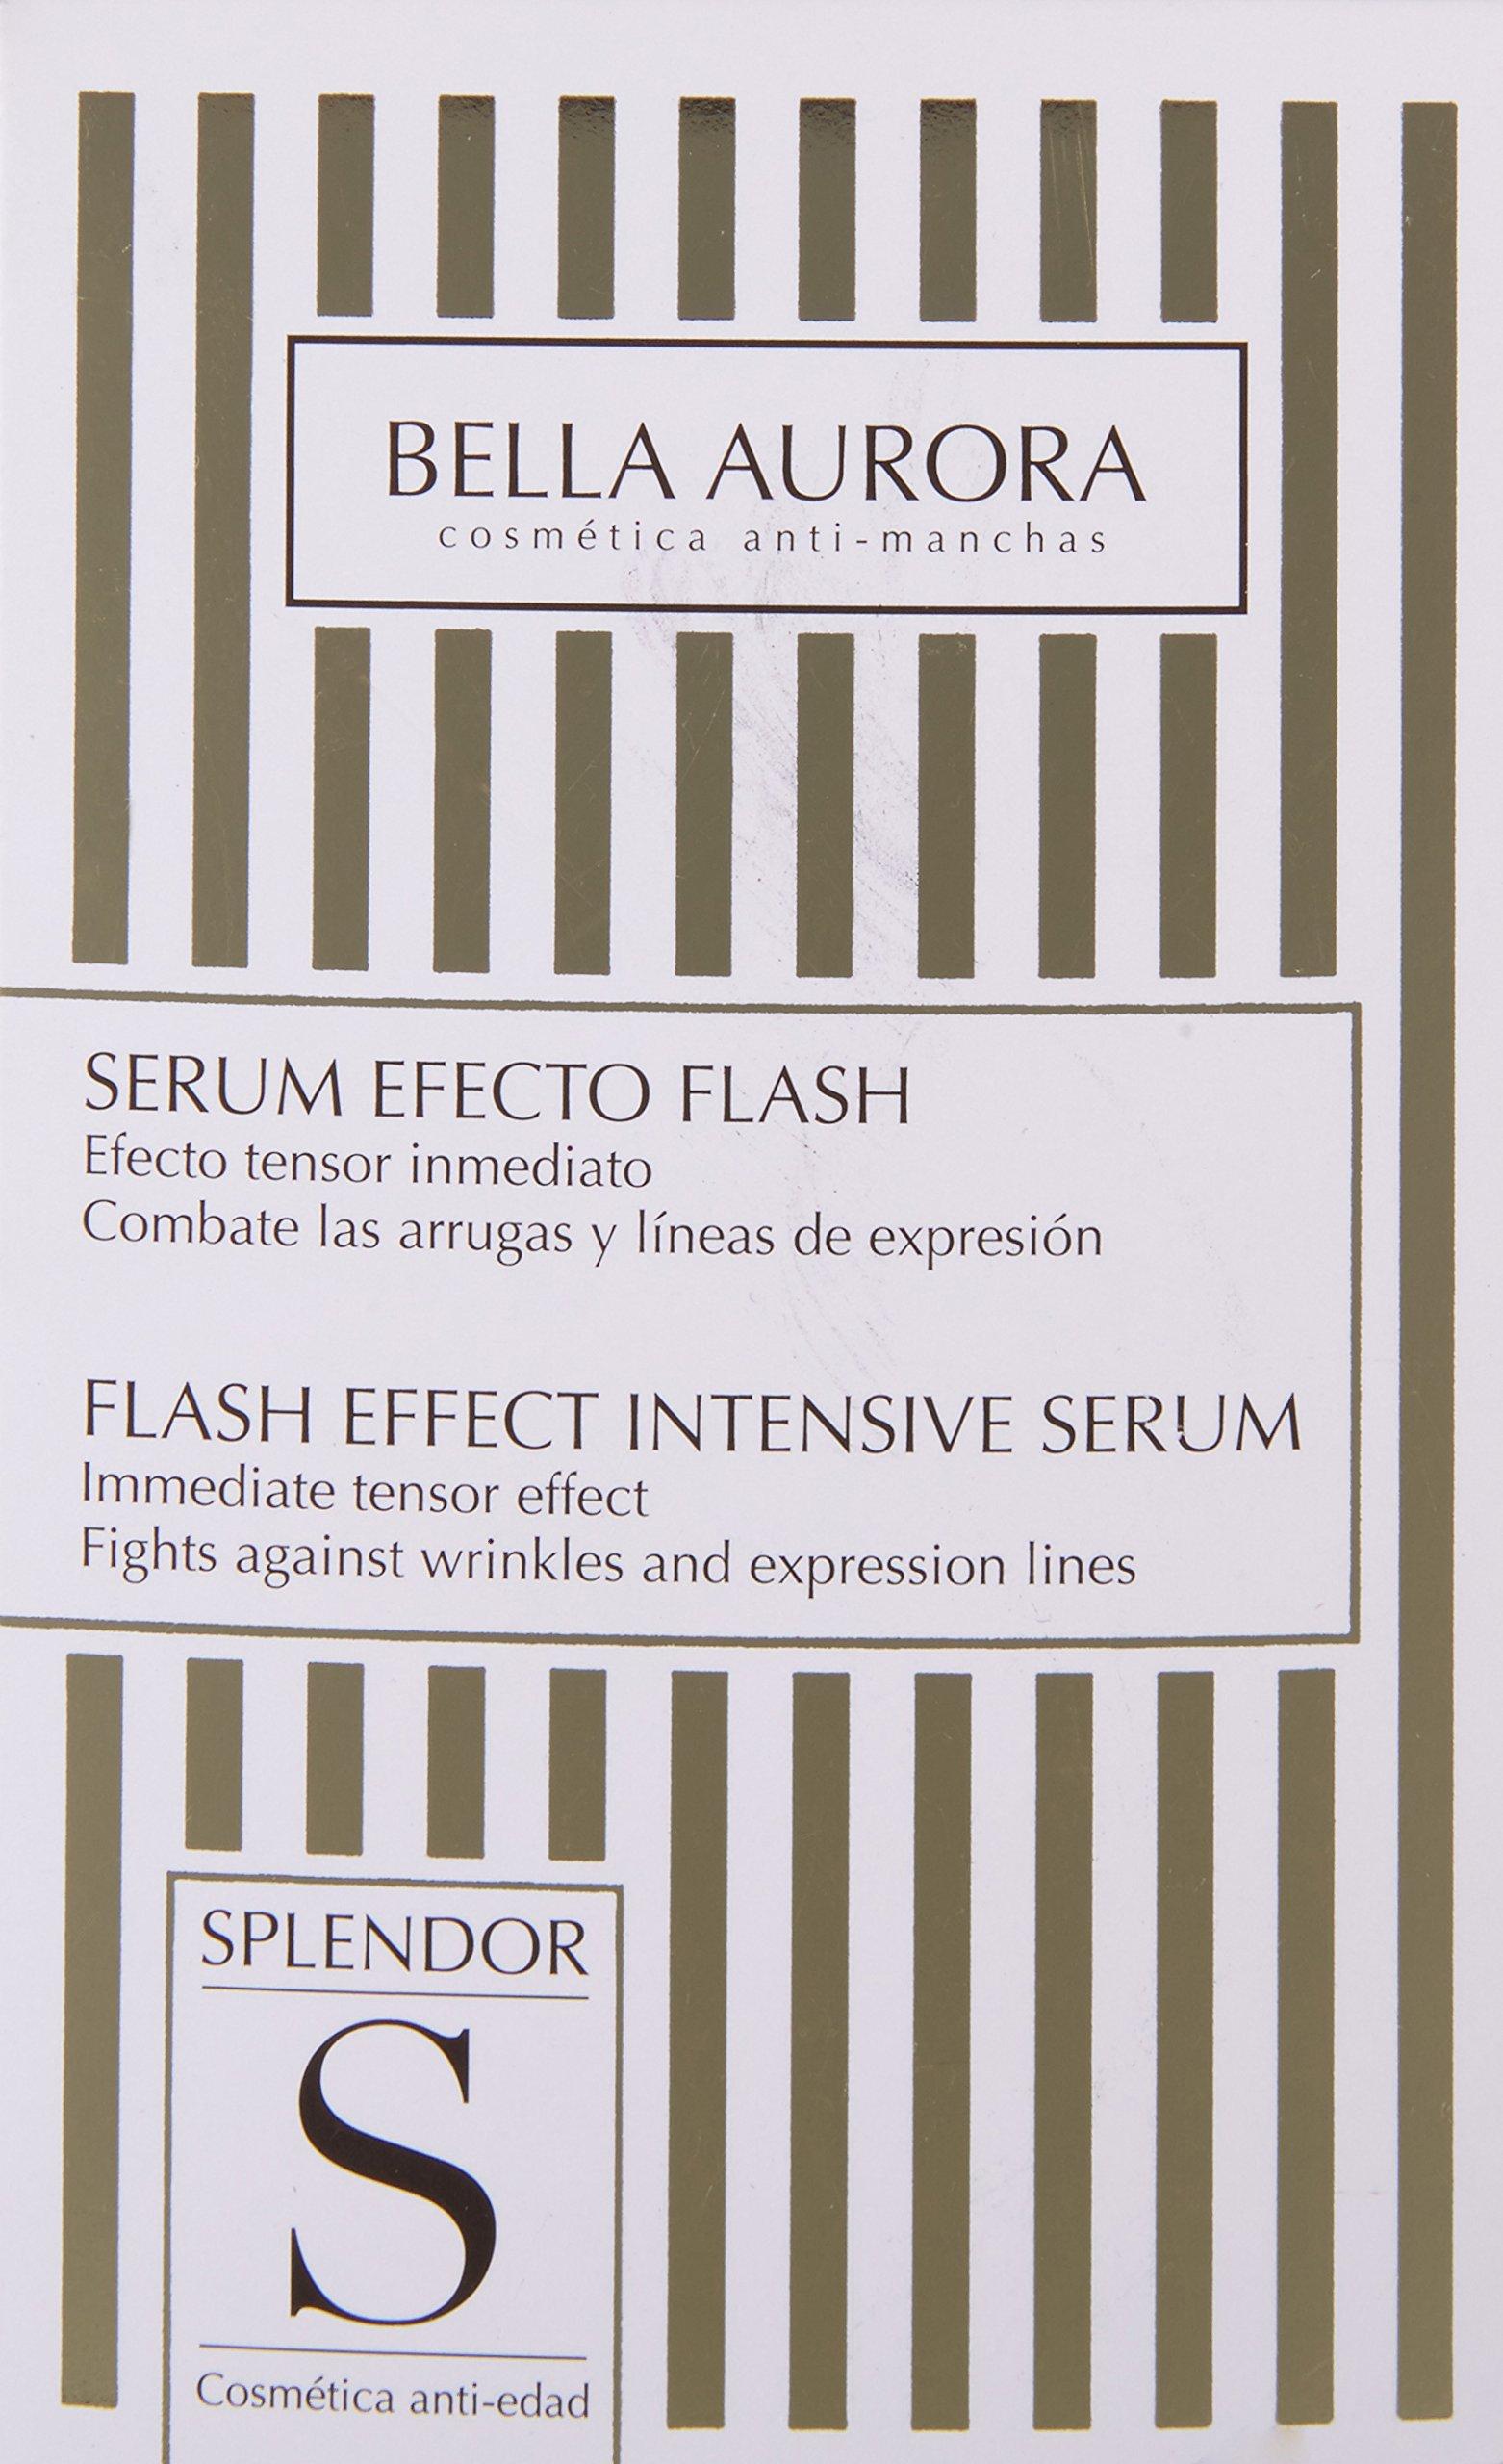 Bella Aurora Serum Efecto Flash – 30 ml.